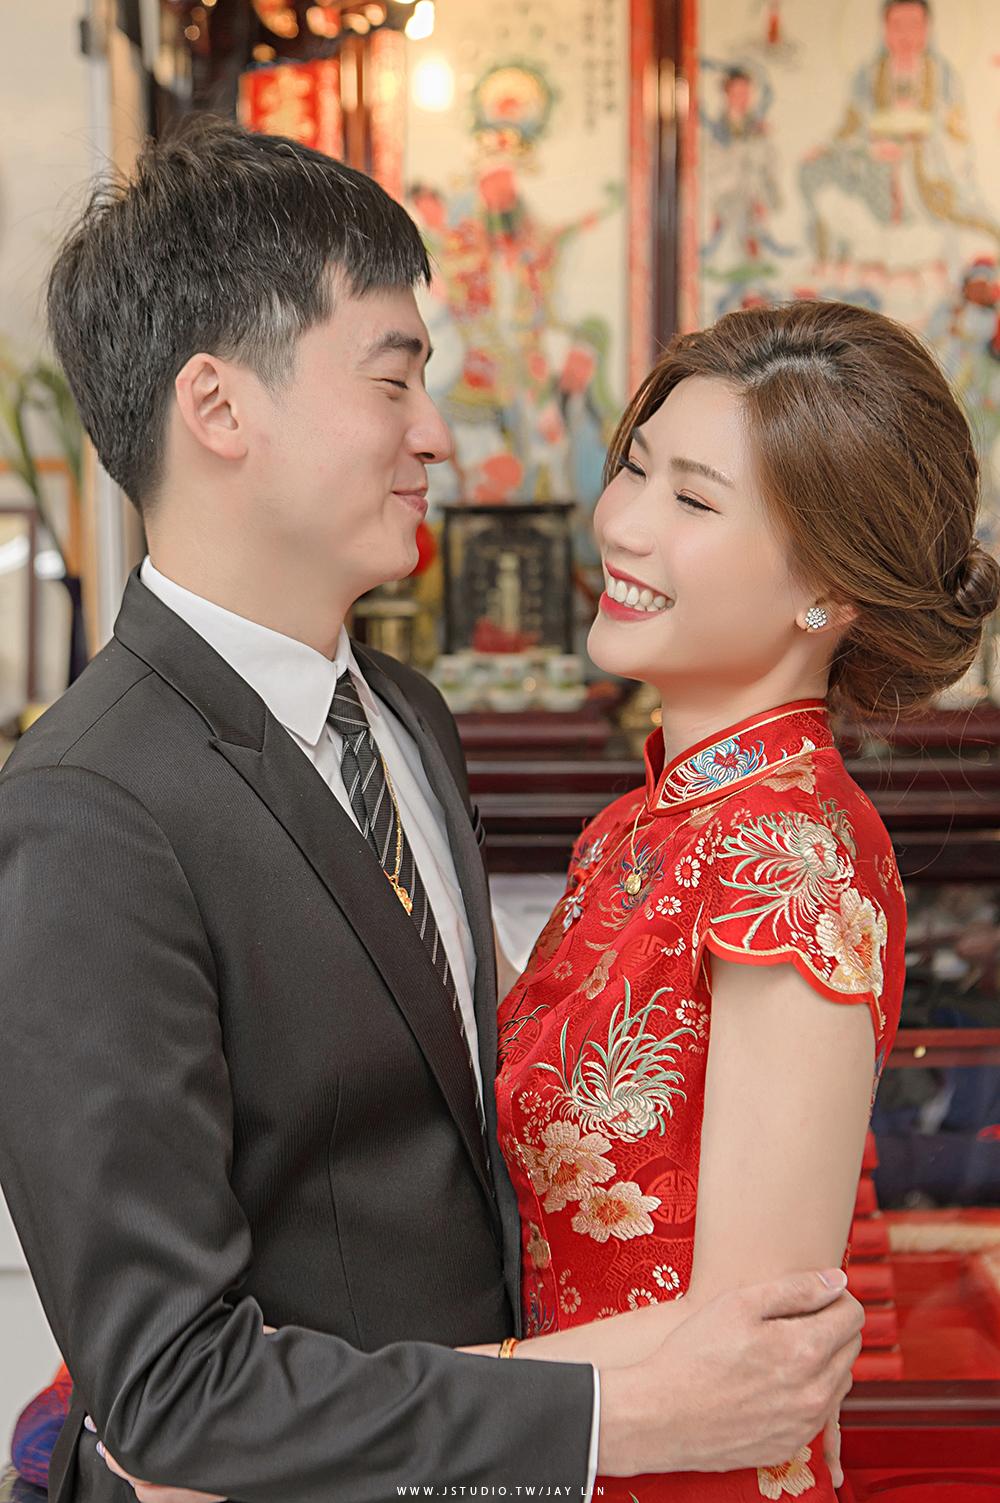 婚攝 台北婚攝 婚禮紀錄 婚攝 推薦婚攝 格萊天漾 JSTUDIO_0050